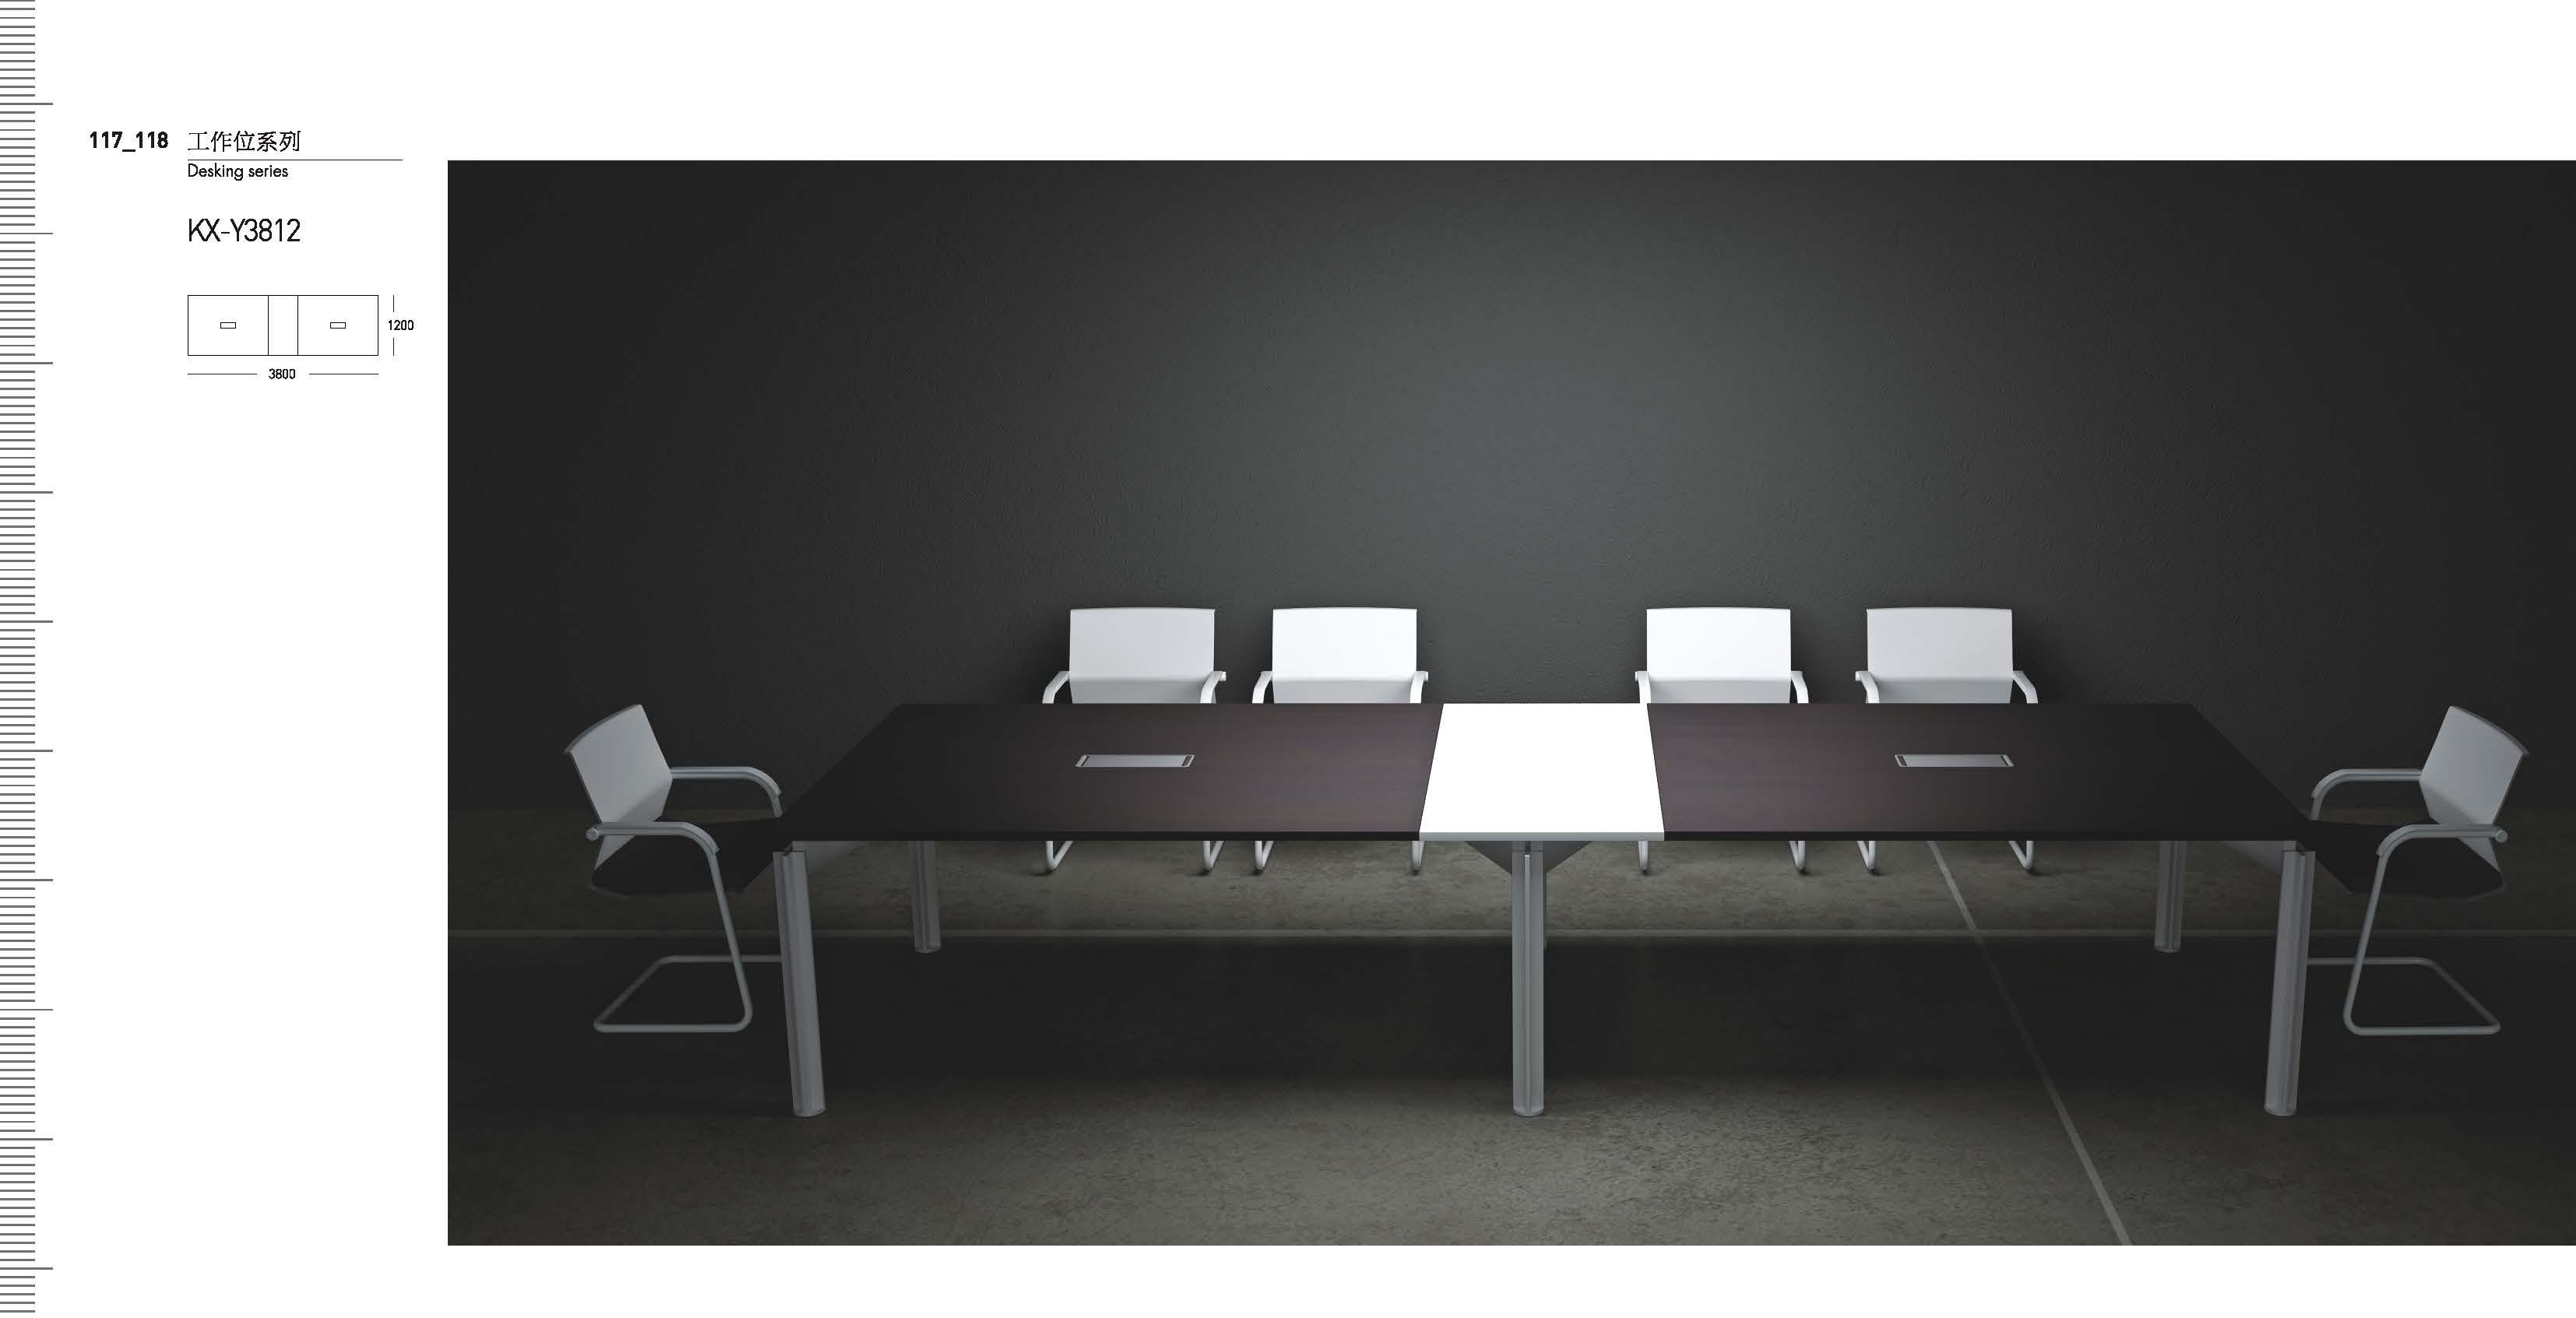 定制四川无纸化会议桌可以参考以下几点